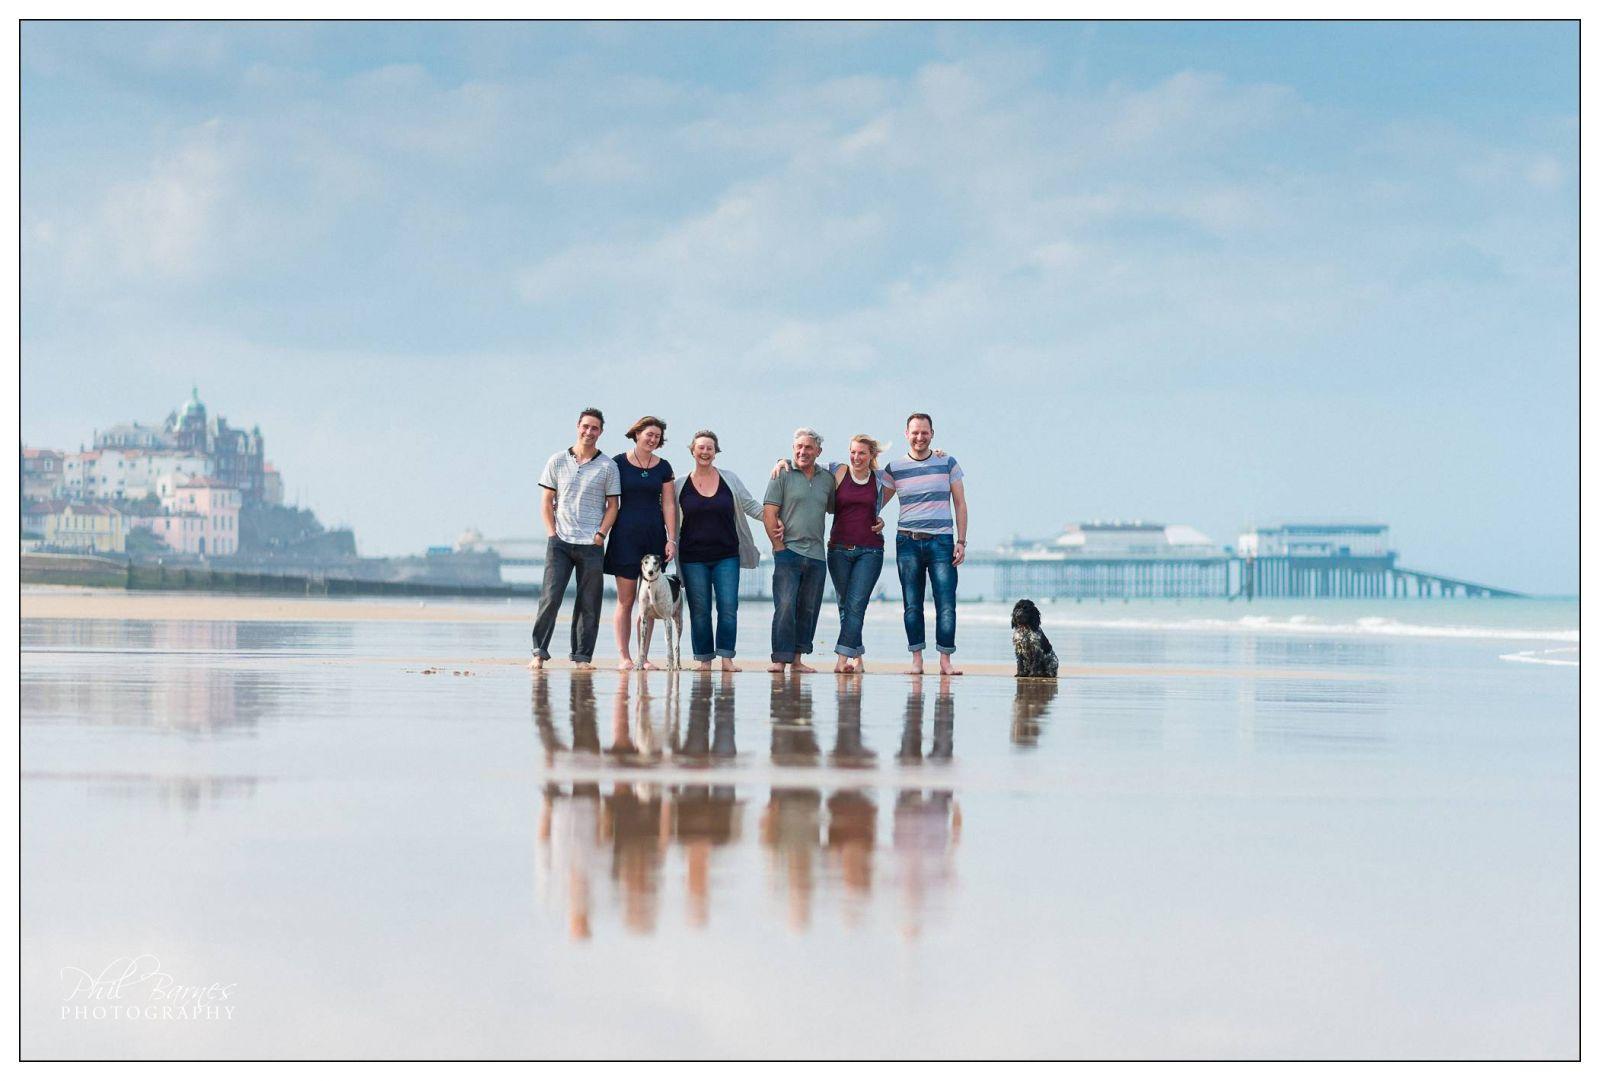 FAMILY PORTRAIT CROMER SKYLINE AND BEACH